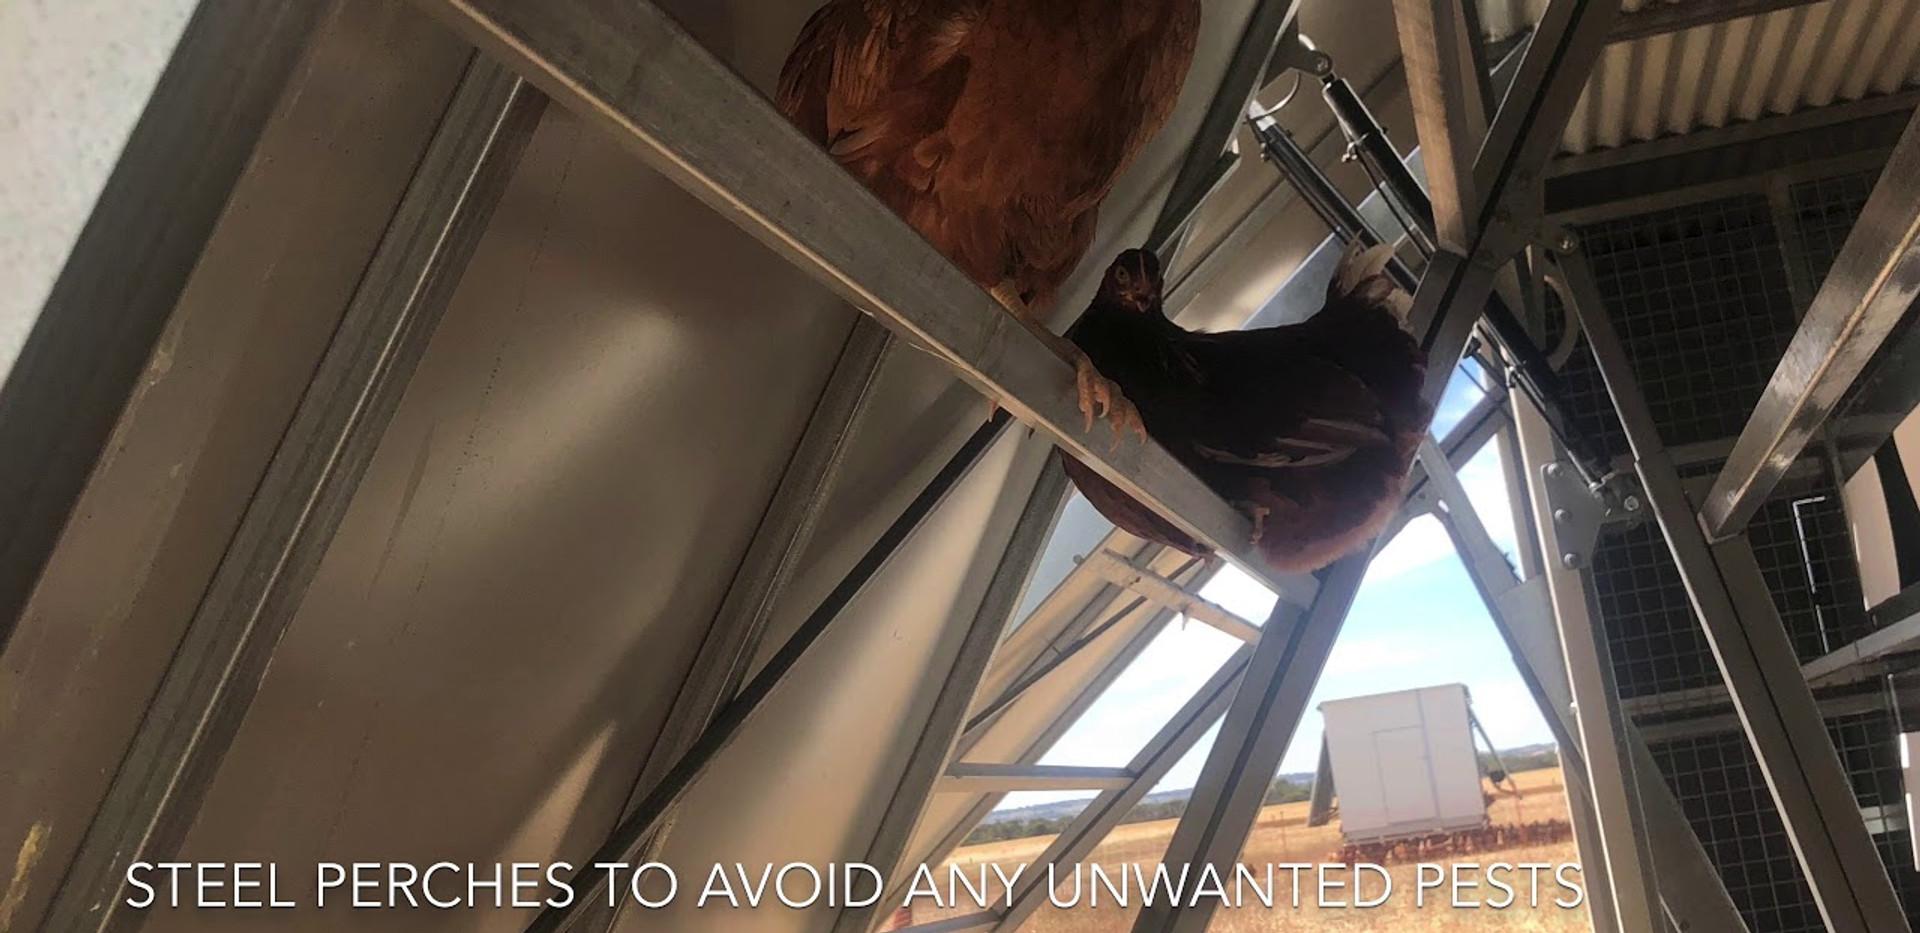 Aussie Chicken Trailer Features